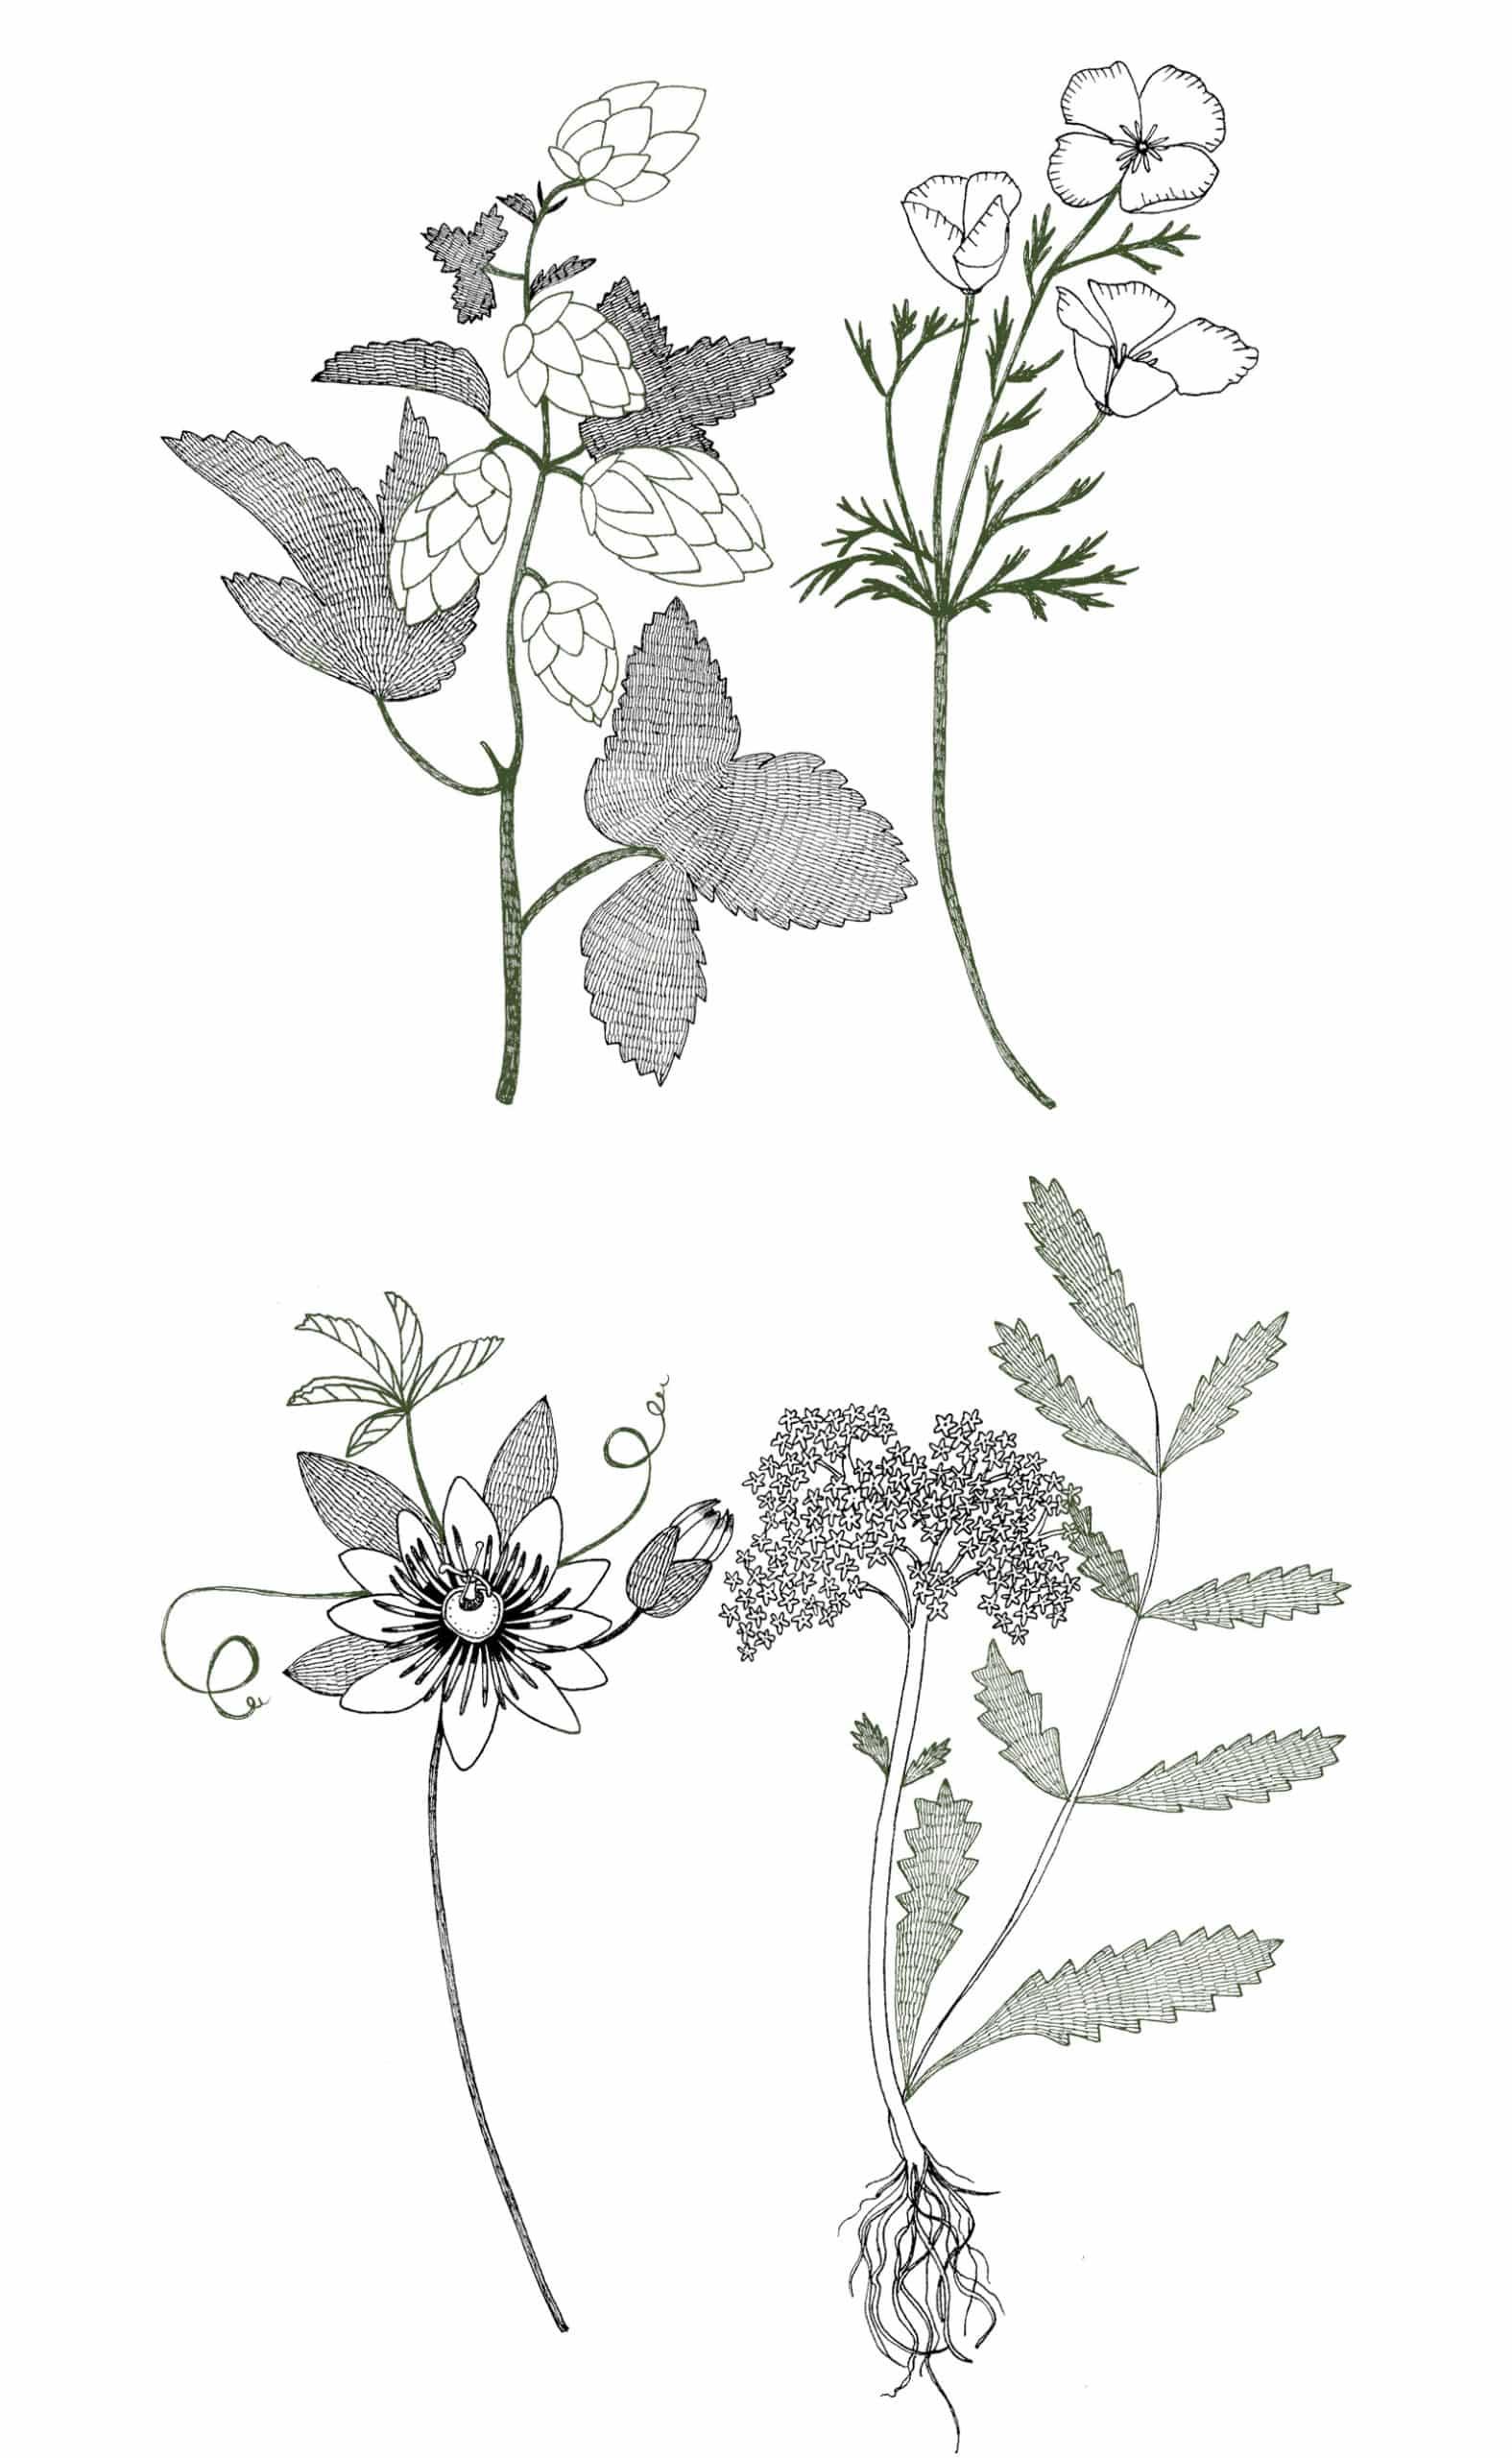 Illustrations des plantes (Houblon, Passiflore, Escholtzia et Valériane) contenues dans le complément alimentaire sommeil. Version mobile.